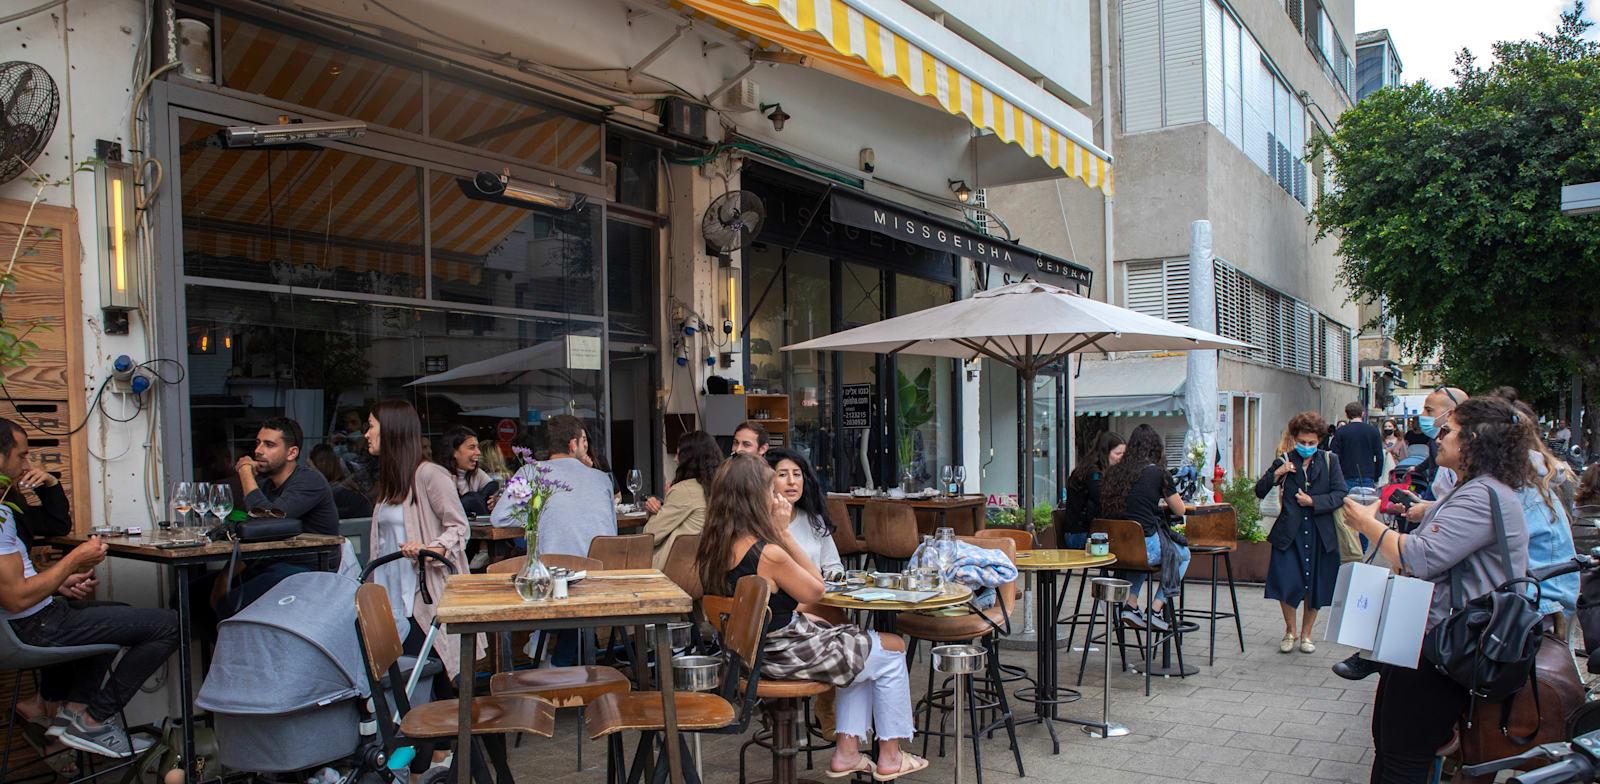 בית קפה בתל אביב. האם אנחנו בטוחים שהגל הרביעי הסתיים / צילום: כדיה לוי